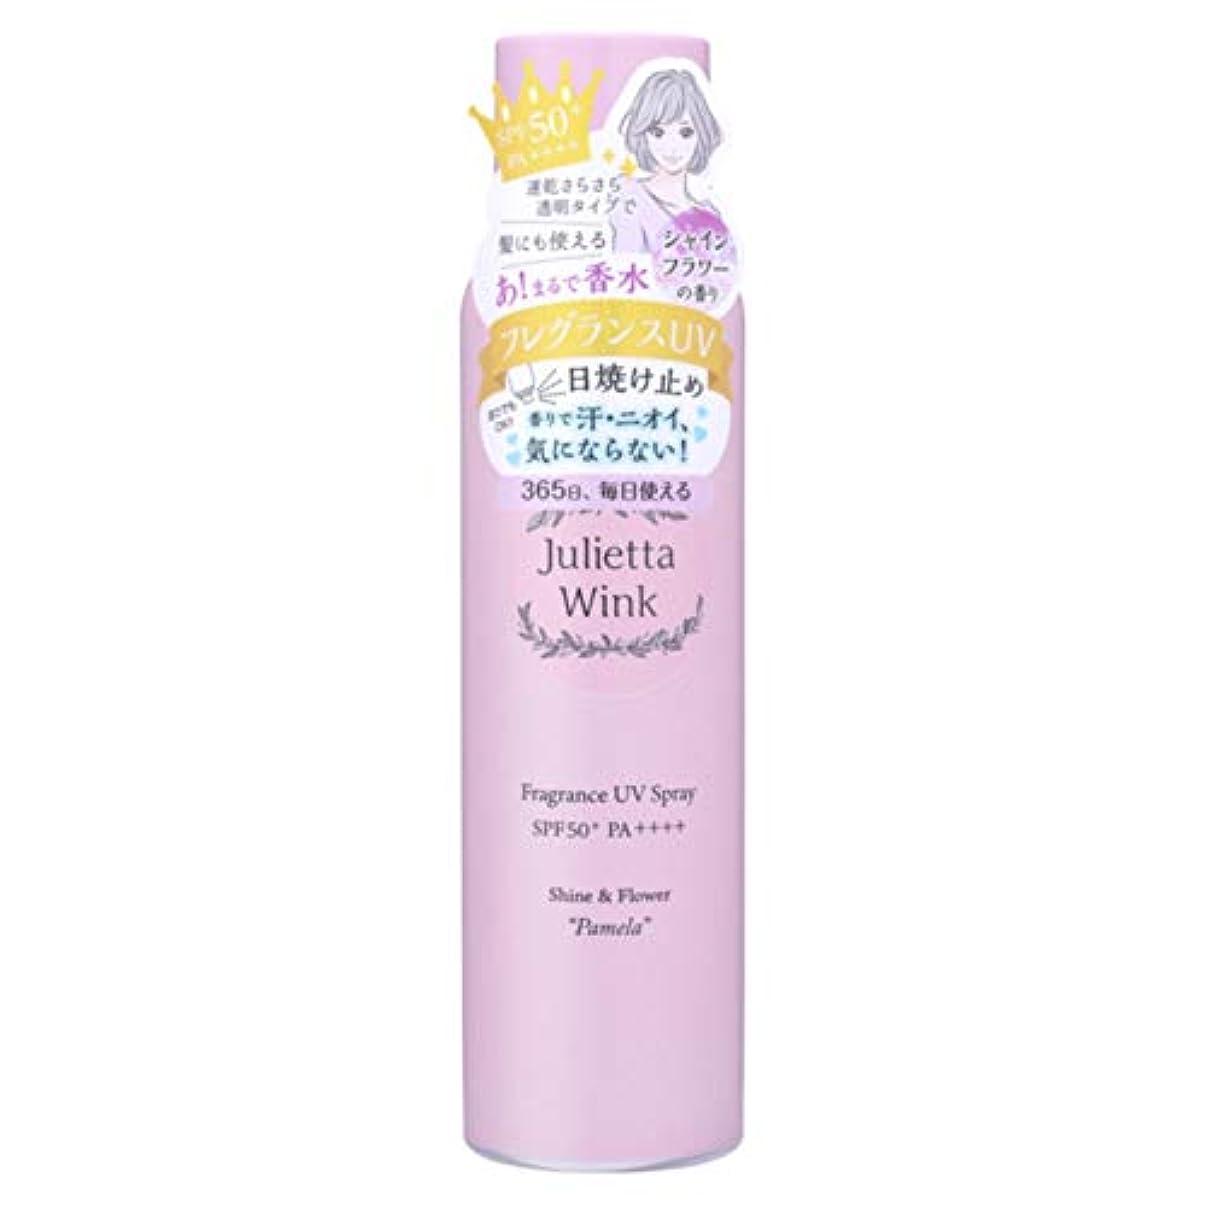 洋服冷蔵庫音声ジュリエッタウィンク フレグランス UVスプレー[パメラ]100g シャインフラワーの香り(ピンク)